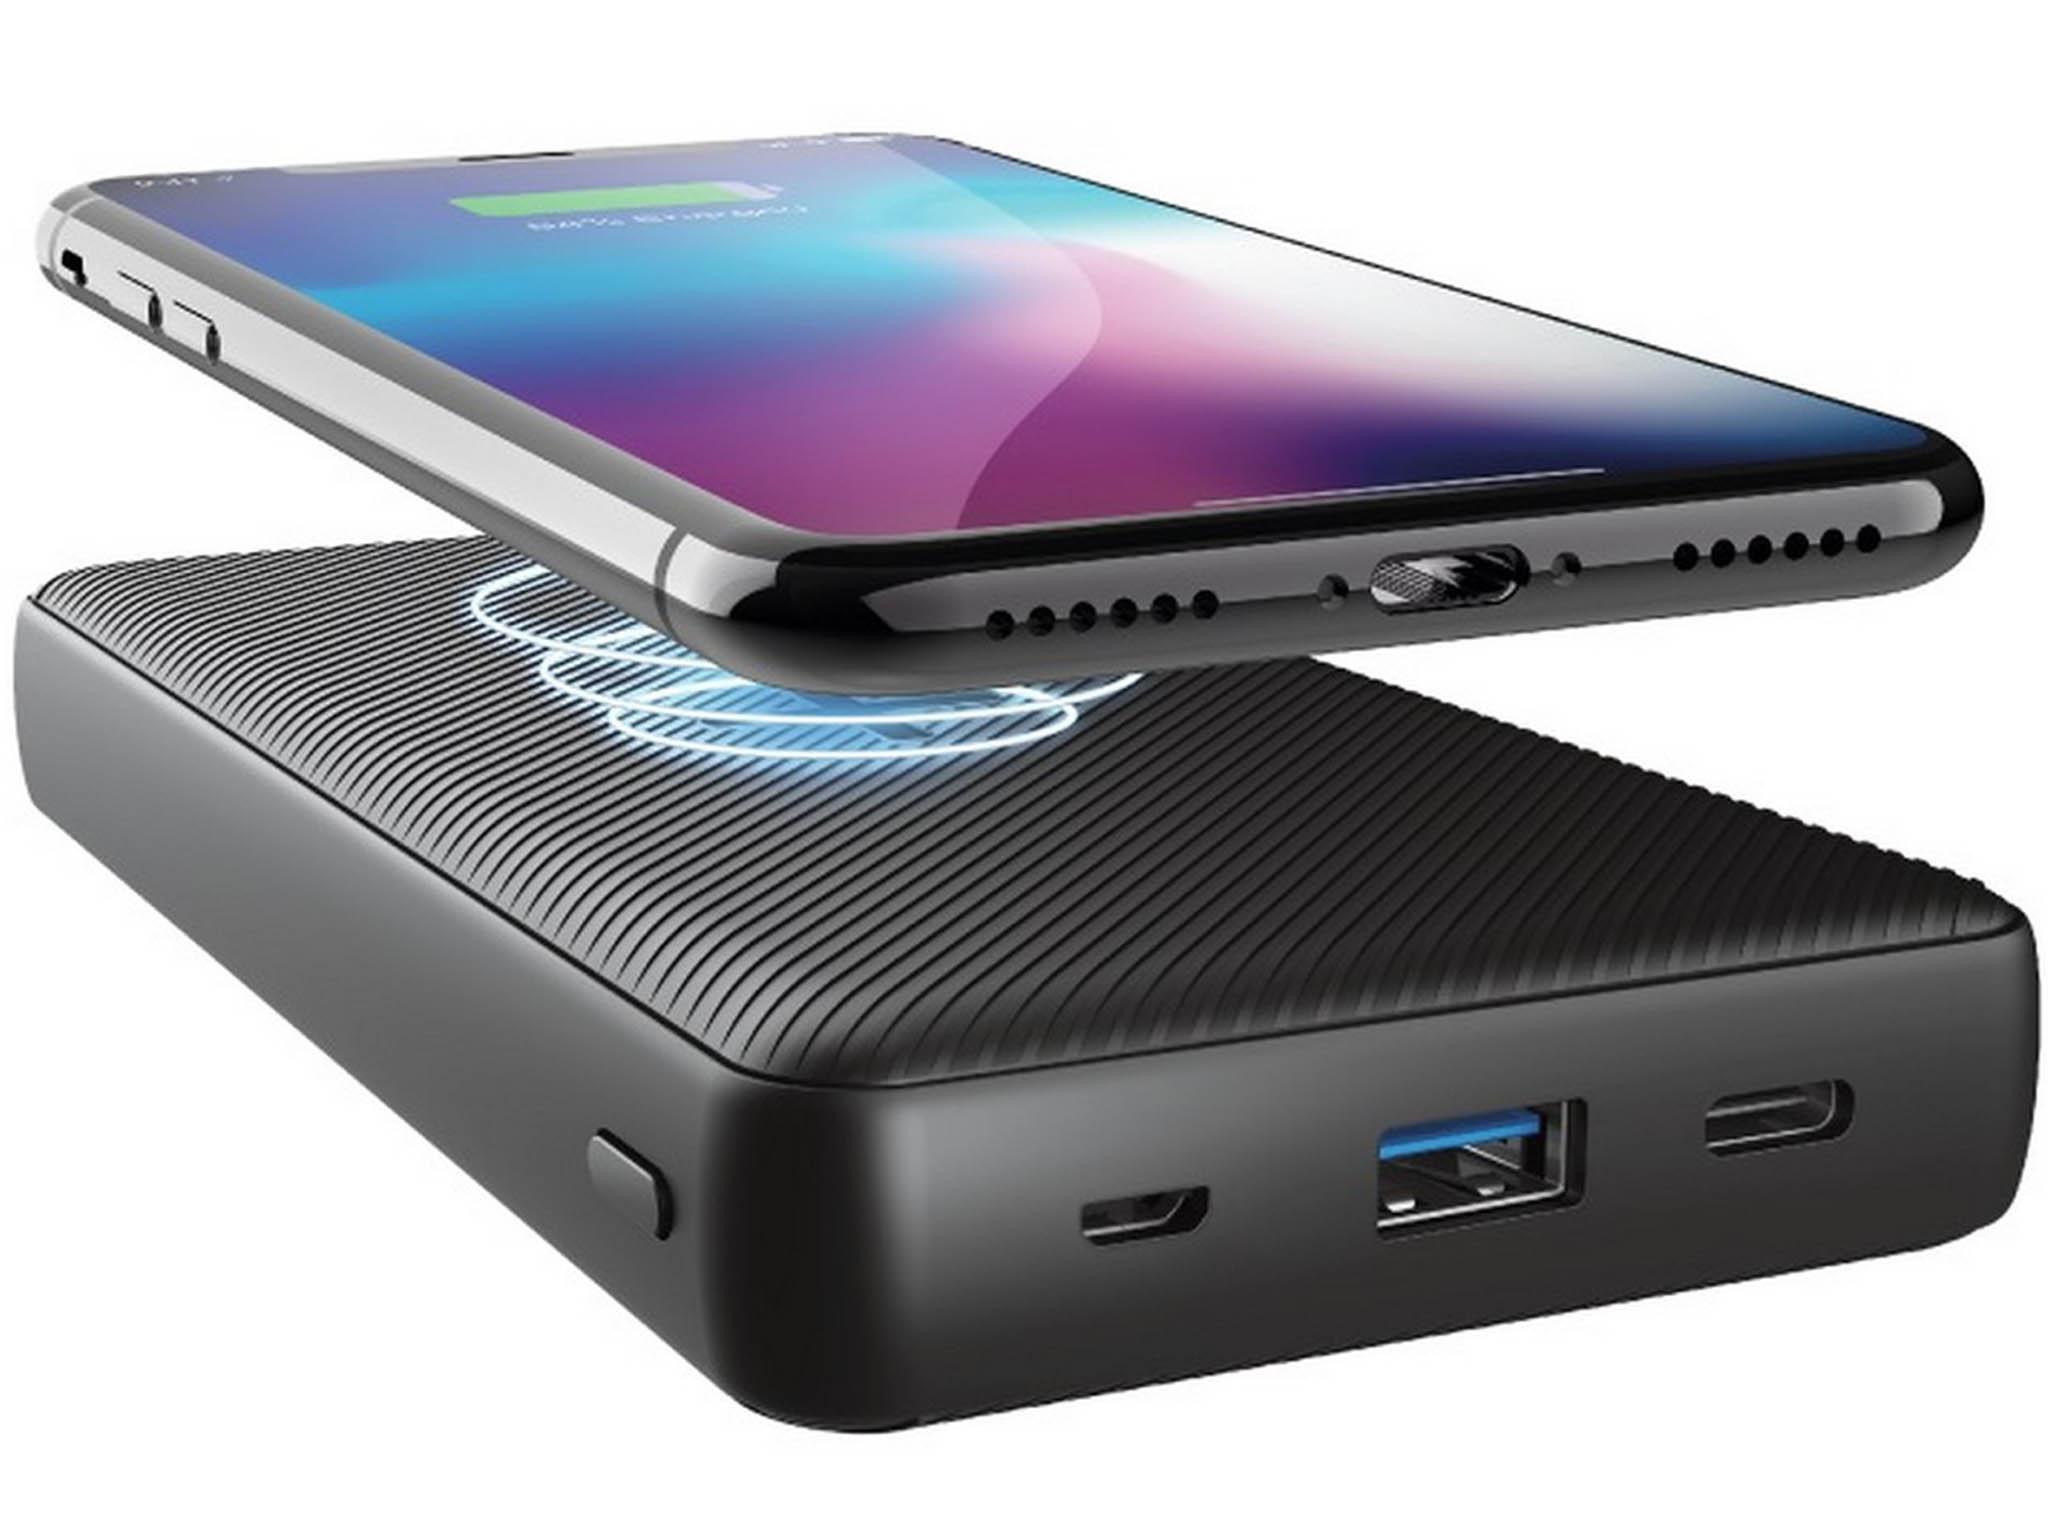 Externí dobíjecí baterii, která doplní energii telefonům, hodinkám i sluchátkům, a to i bezdrátově, nabíjením, nabízí společnost Trust za rozumných 999 korun.